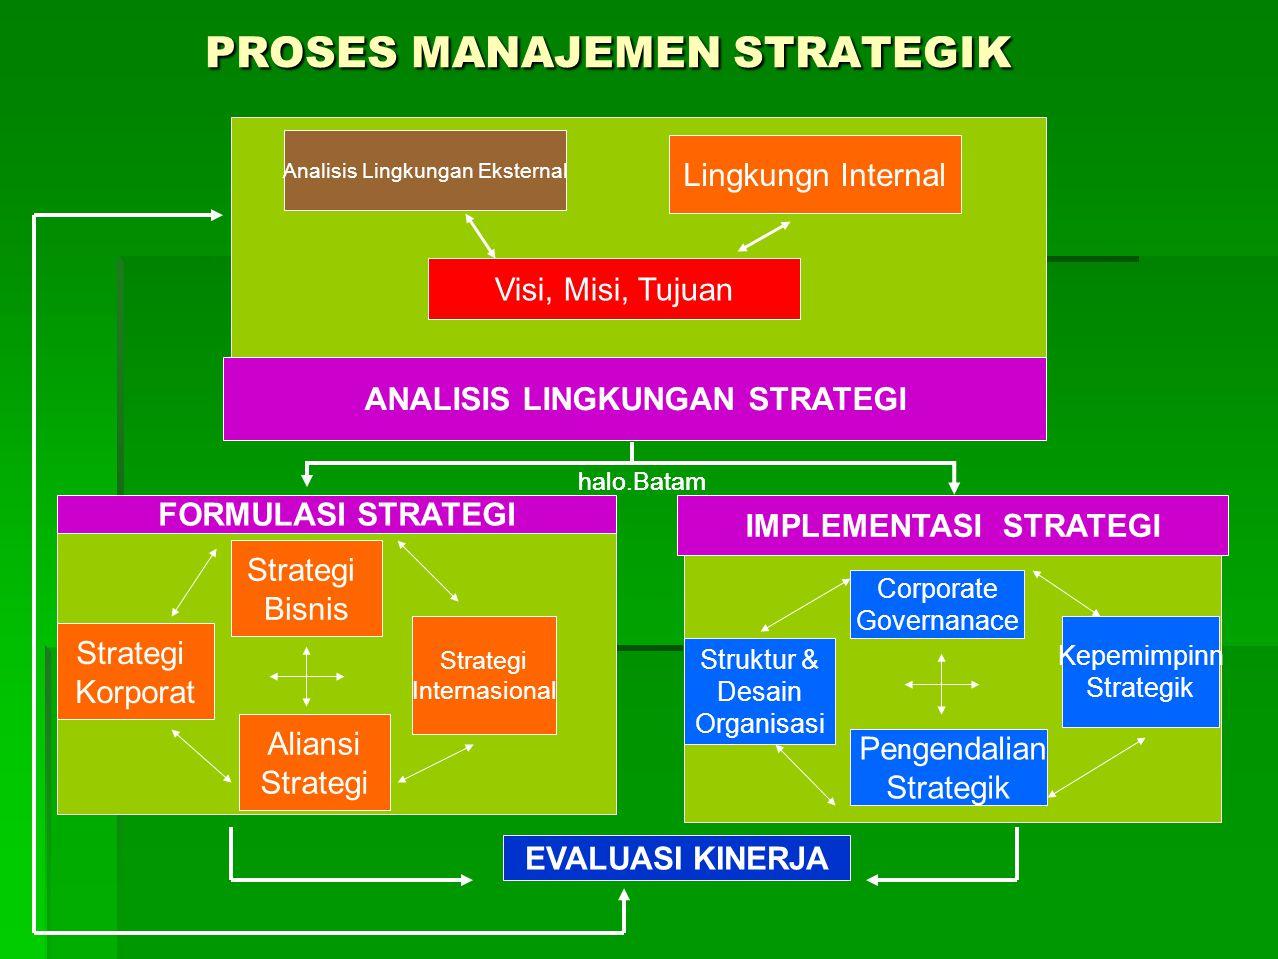 PROSES MANAJMEN STRATEGIK  Analisis Lingkungan : Meliputi deteksi dan evaluasi konteks organisasi, lingkungan eksternal dan internal organisasi.